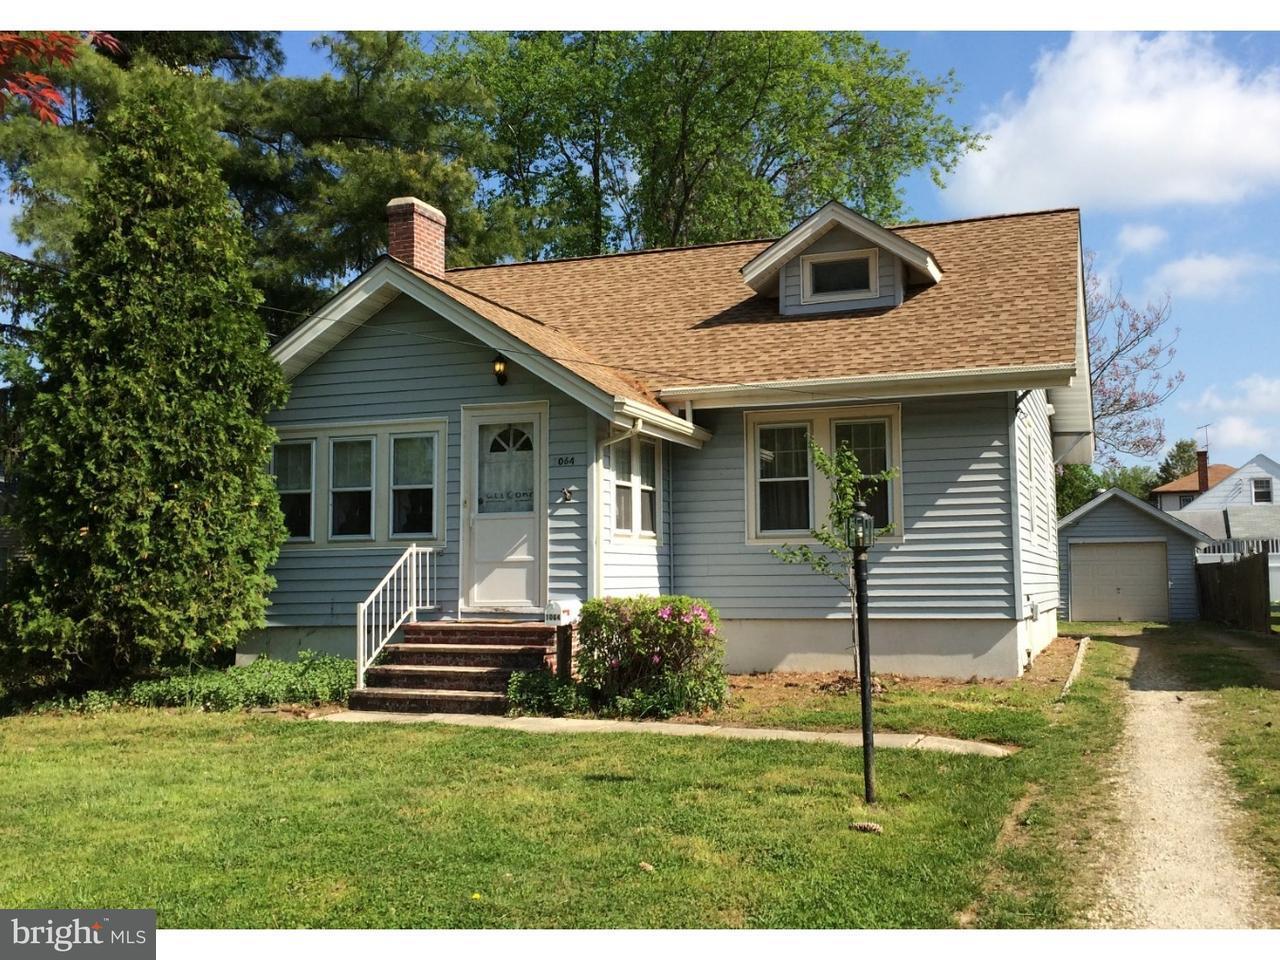 Частный односемейный дом для того Аренда на 1064 E PARK Avenue Vineland, Нью-Джерси 08360 Соединенные Штаты